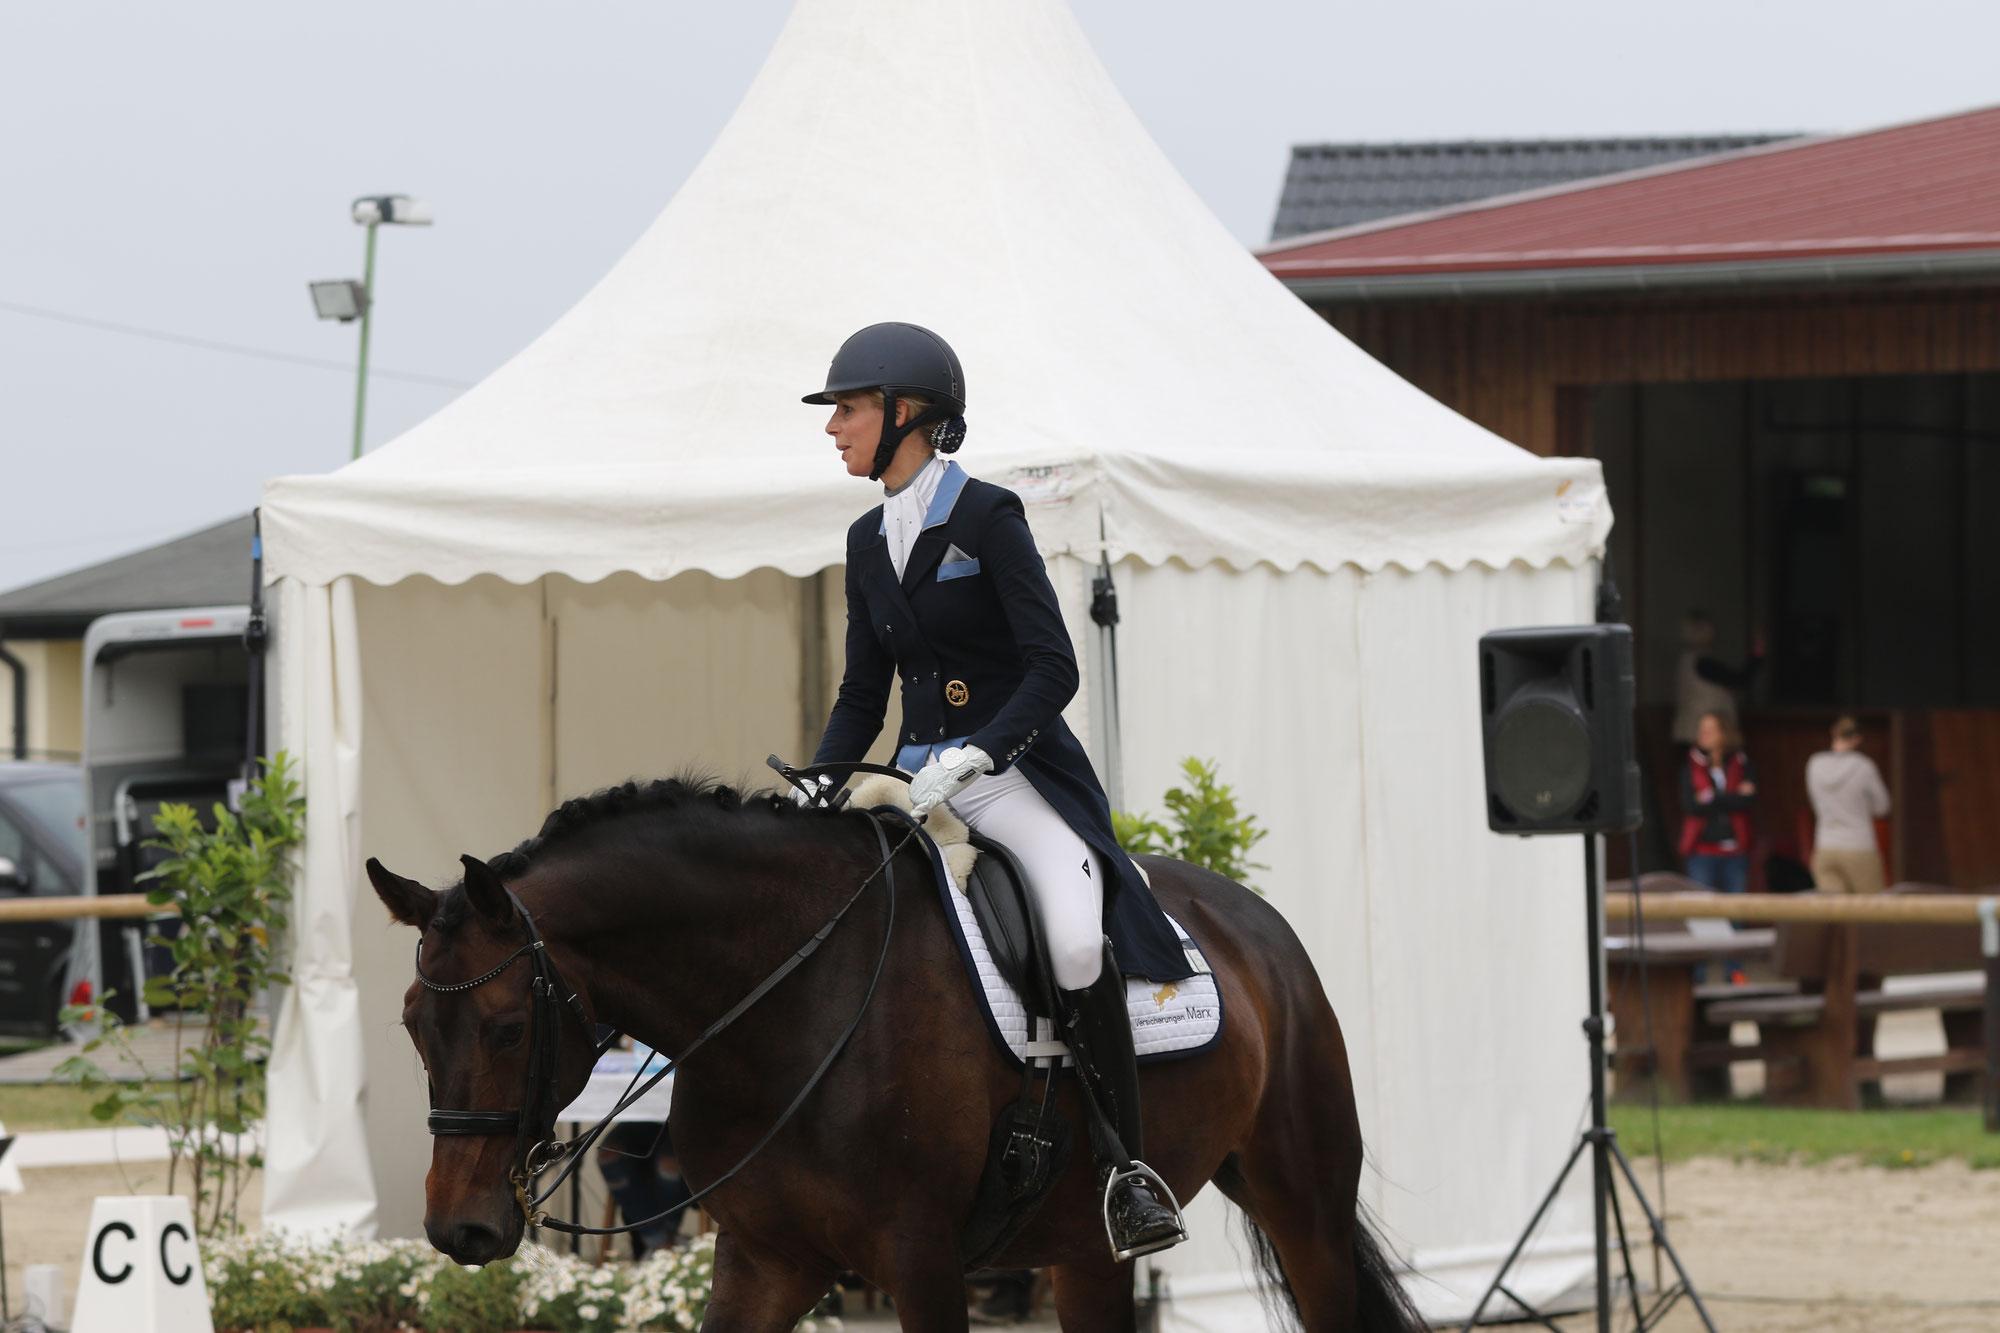 Berufsunfähigkeitsschutz speziell für Pferdewirte und Berufsreiter